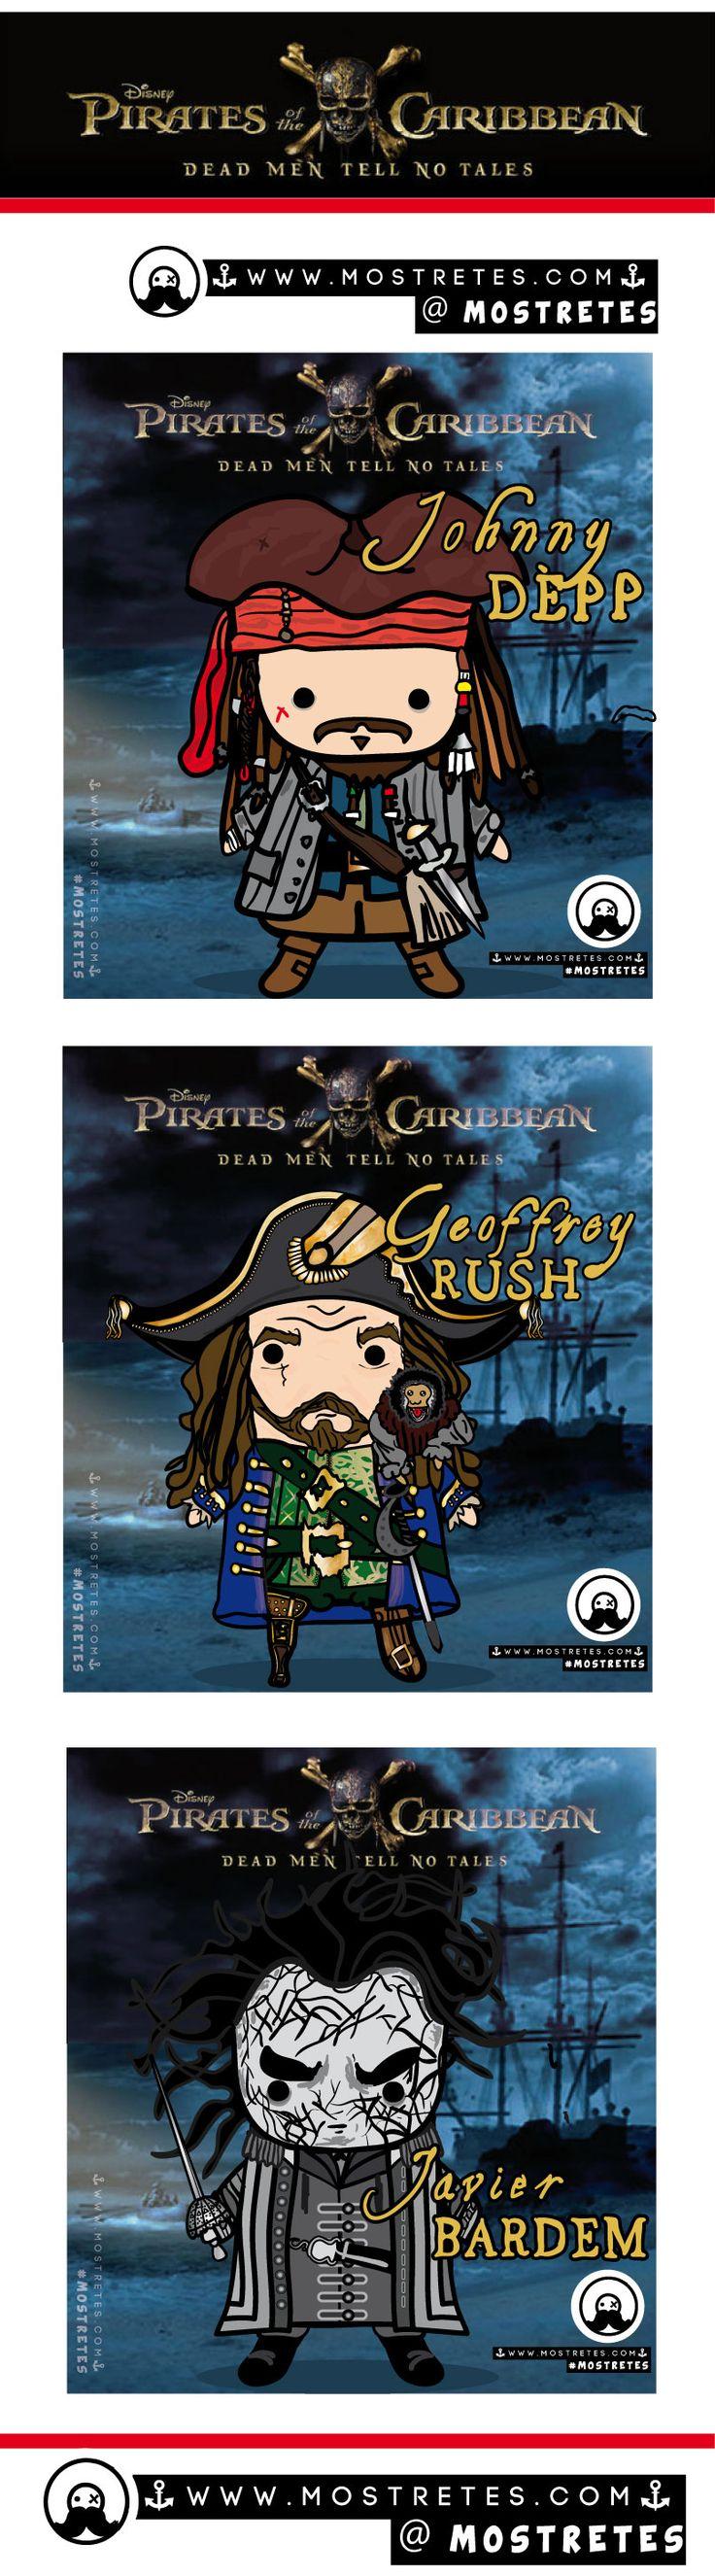 Ilustraciones en formato mostretes, Piratas del Caribe 5, pirates of the caribbean 5, La venganza de Salazar. Johnny Dépp